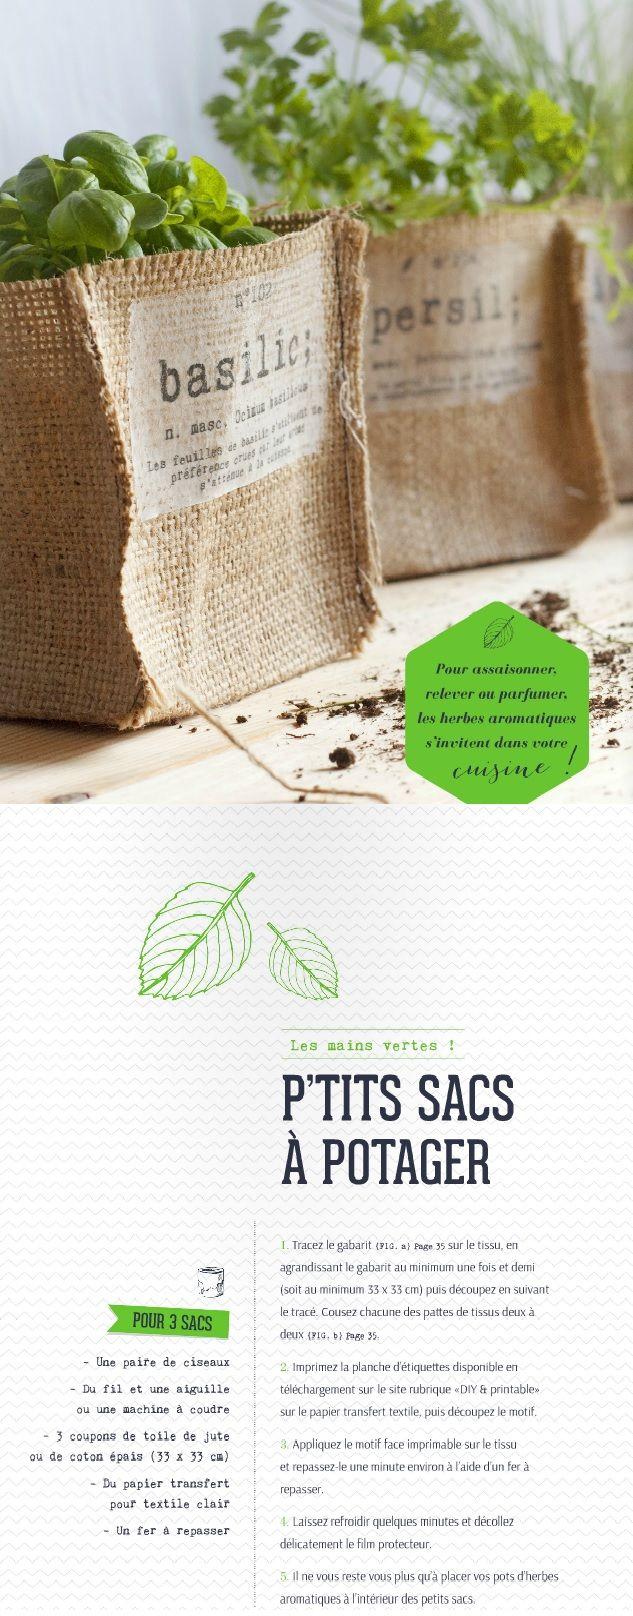 De la toile de jute + du fil  une aiguille à canvas = Petits sacs pour aromates /1 clic pour le patron et les étiquettes / ways magazine